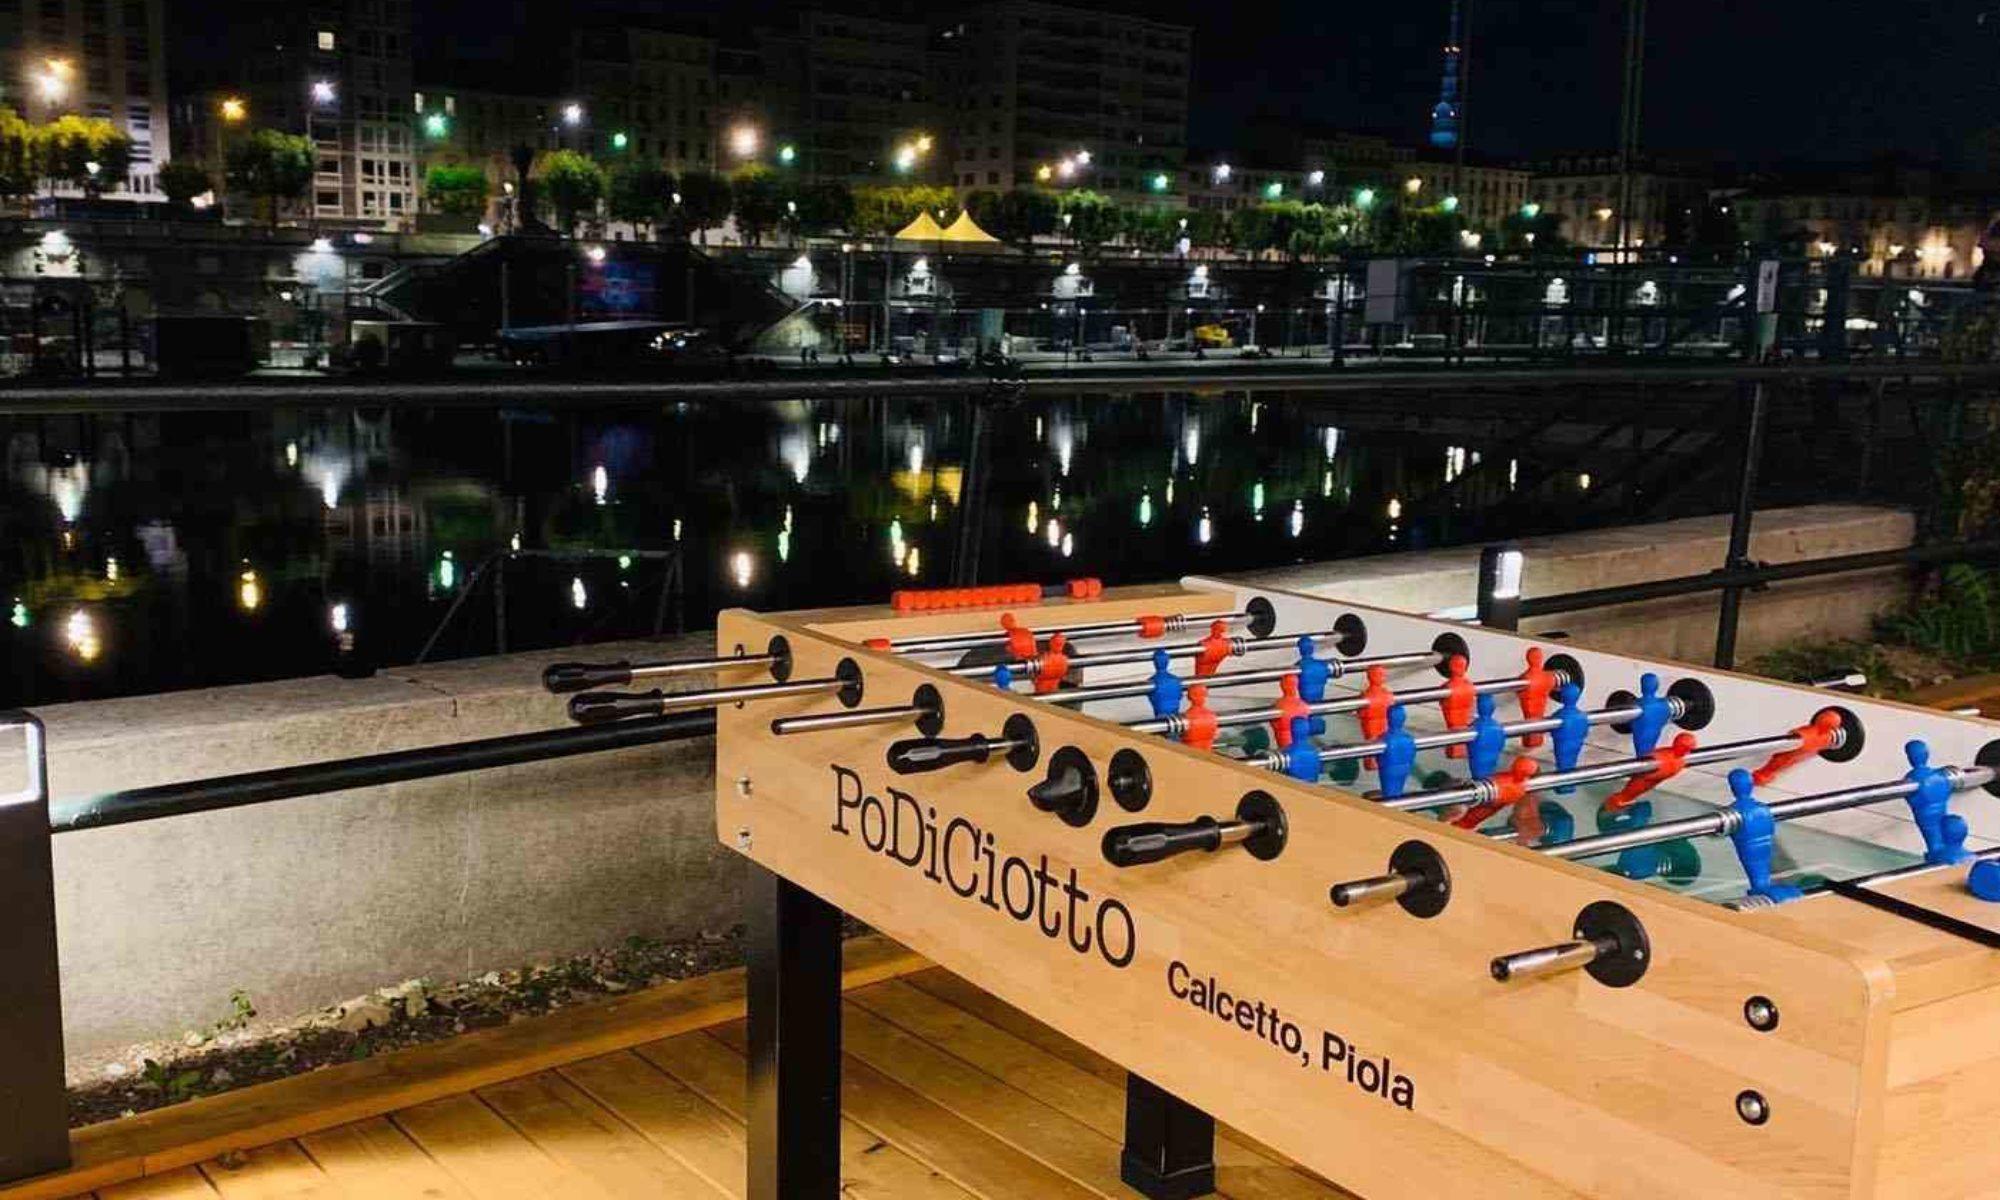 PoDiCiotto.it